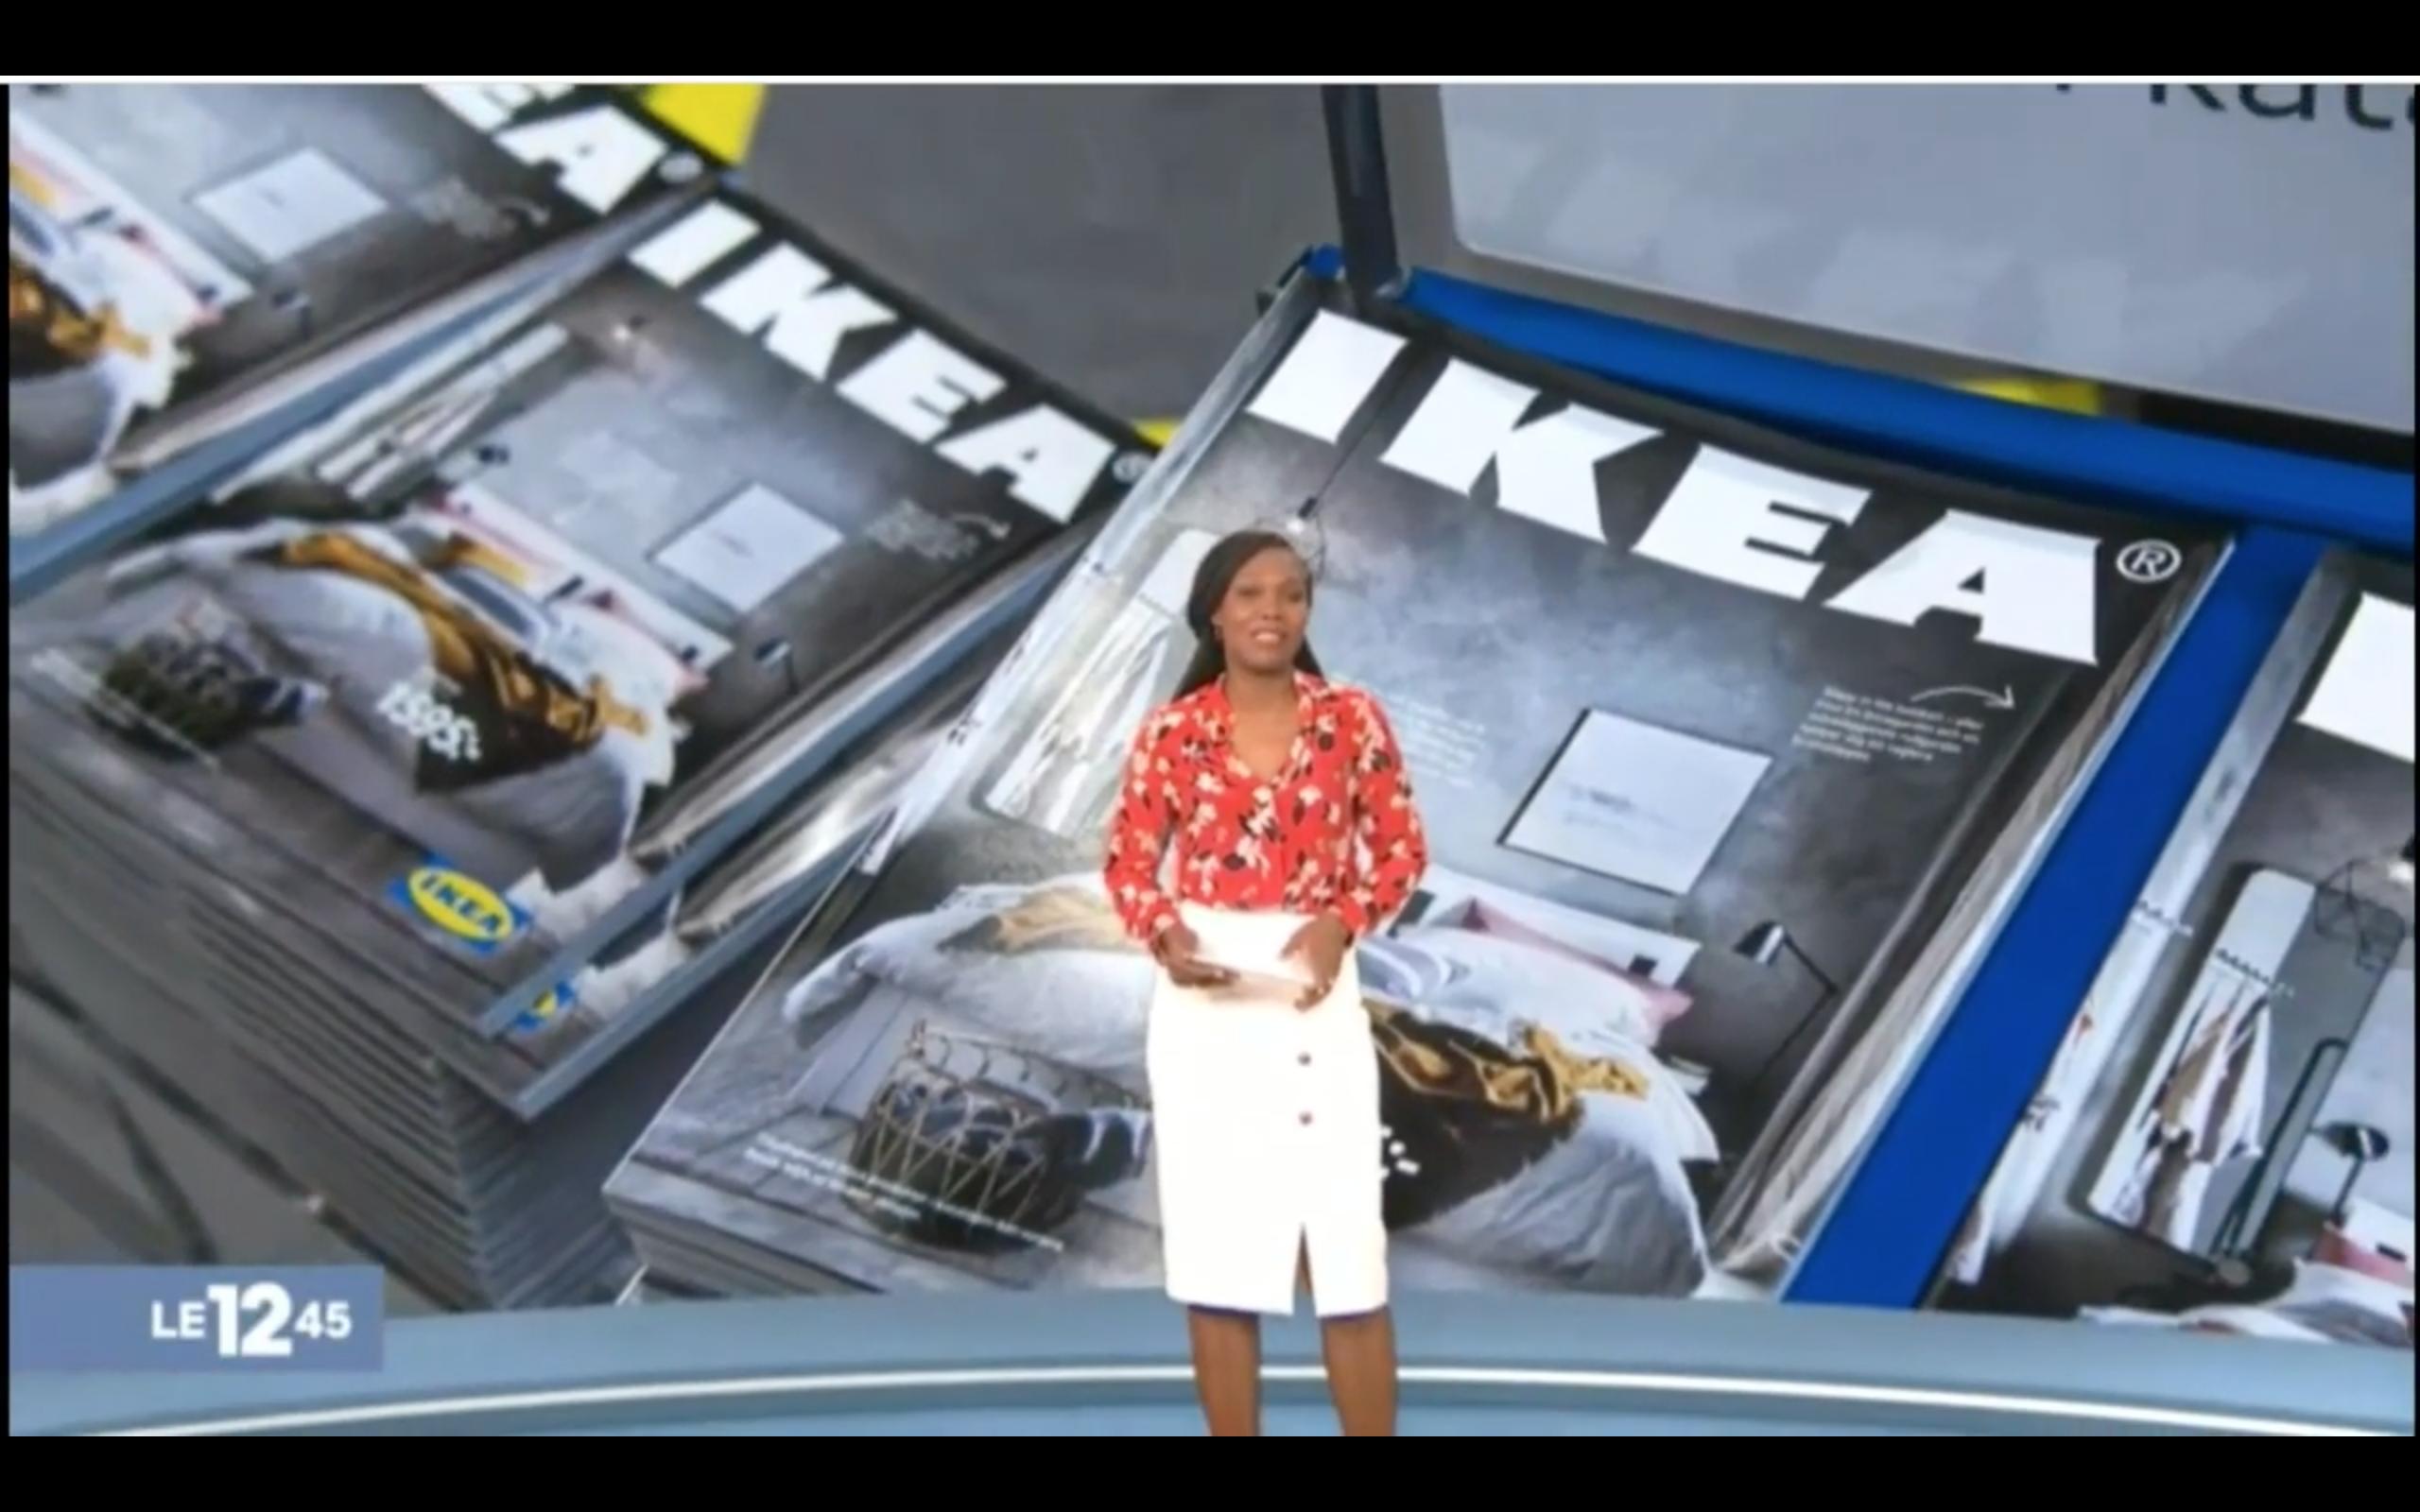 Ikea annonce l'arrêt de son catalogue papier